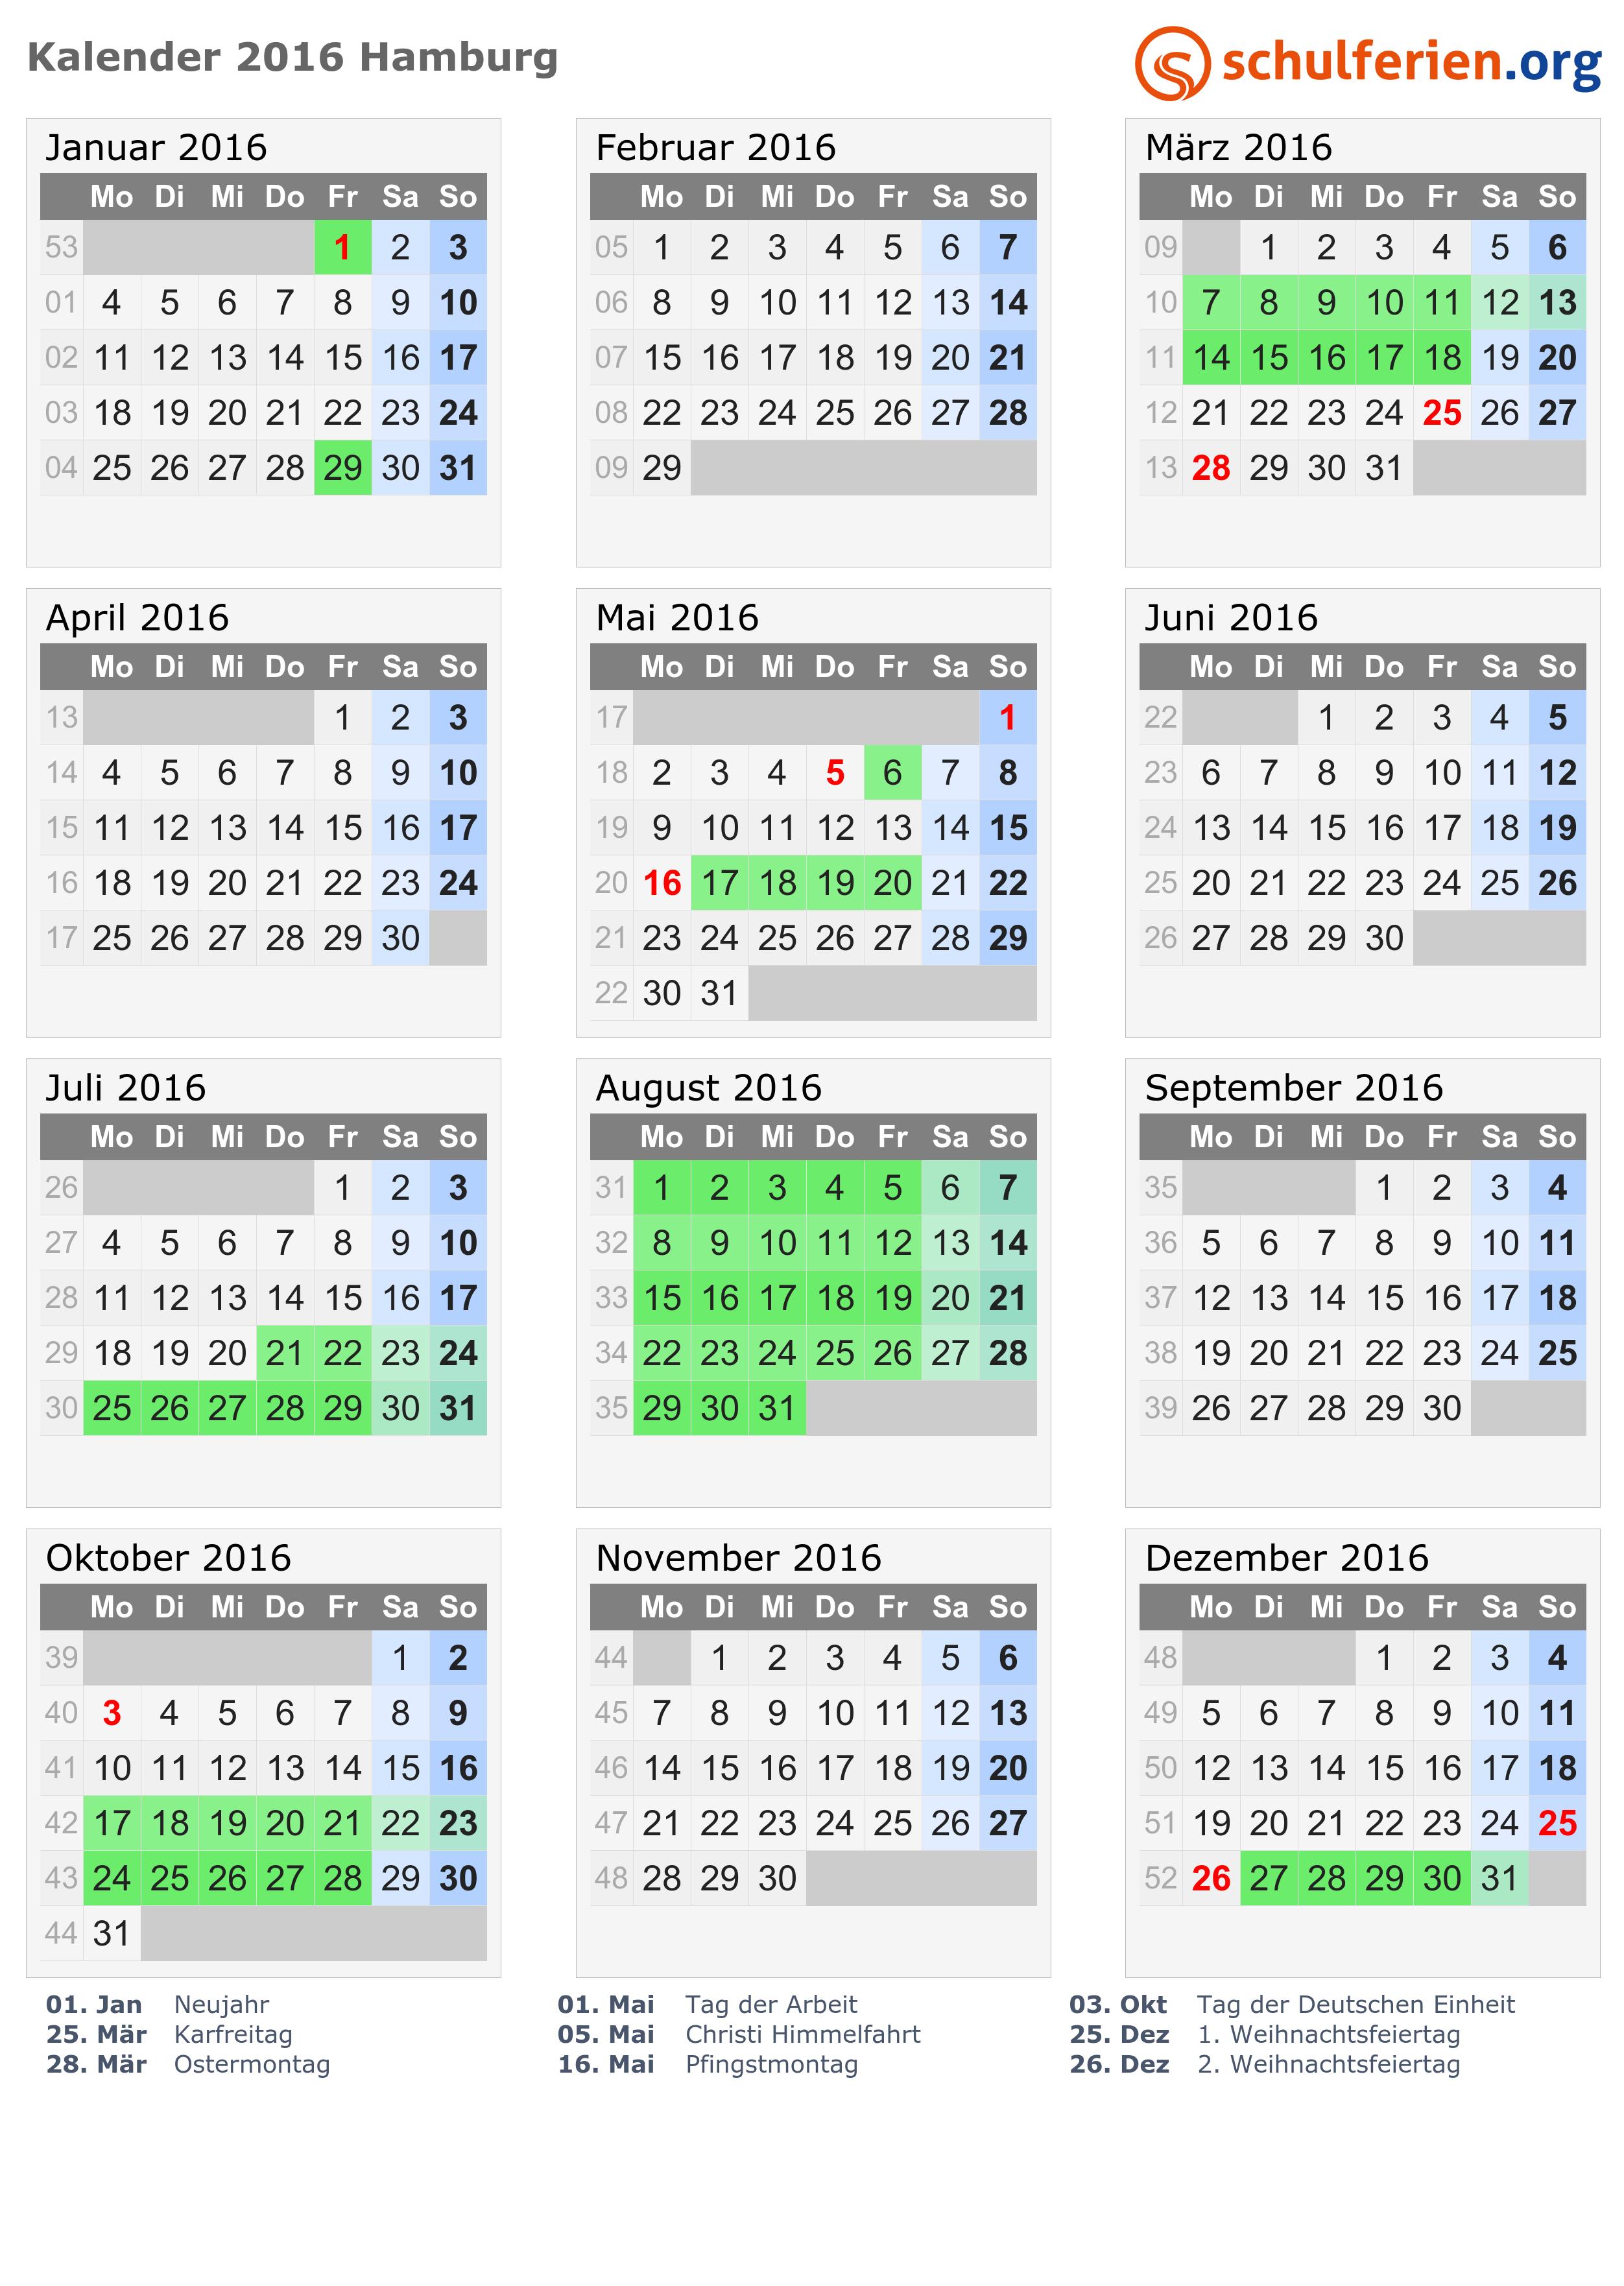 Kalender 2016 2017 2018 hamburg for Weihnachtsbaumverkauf hamburg 2016